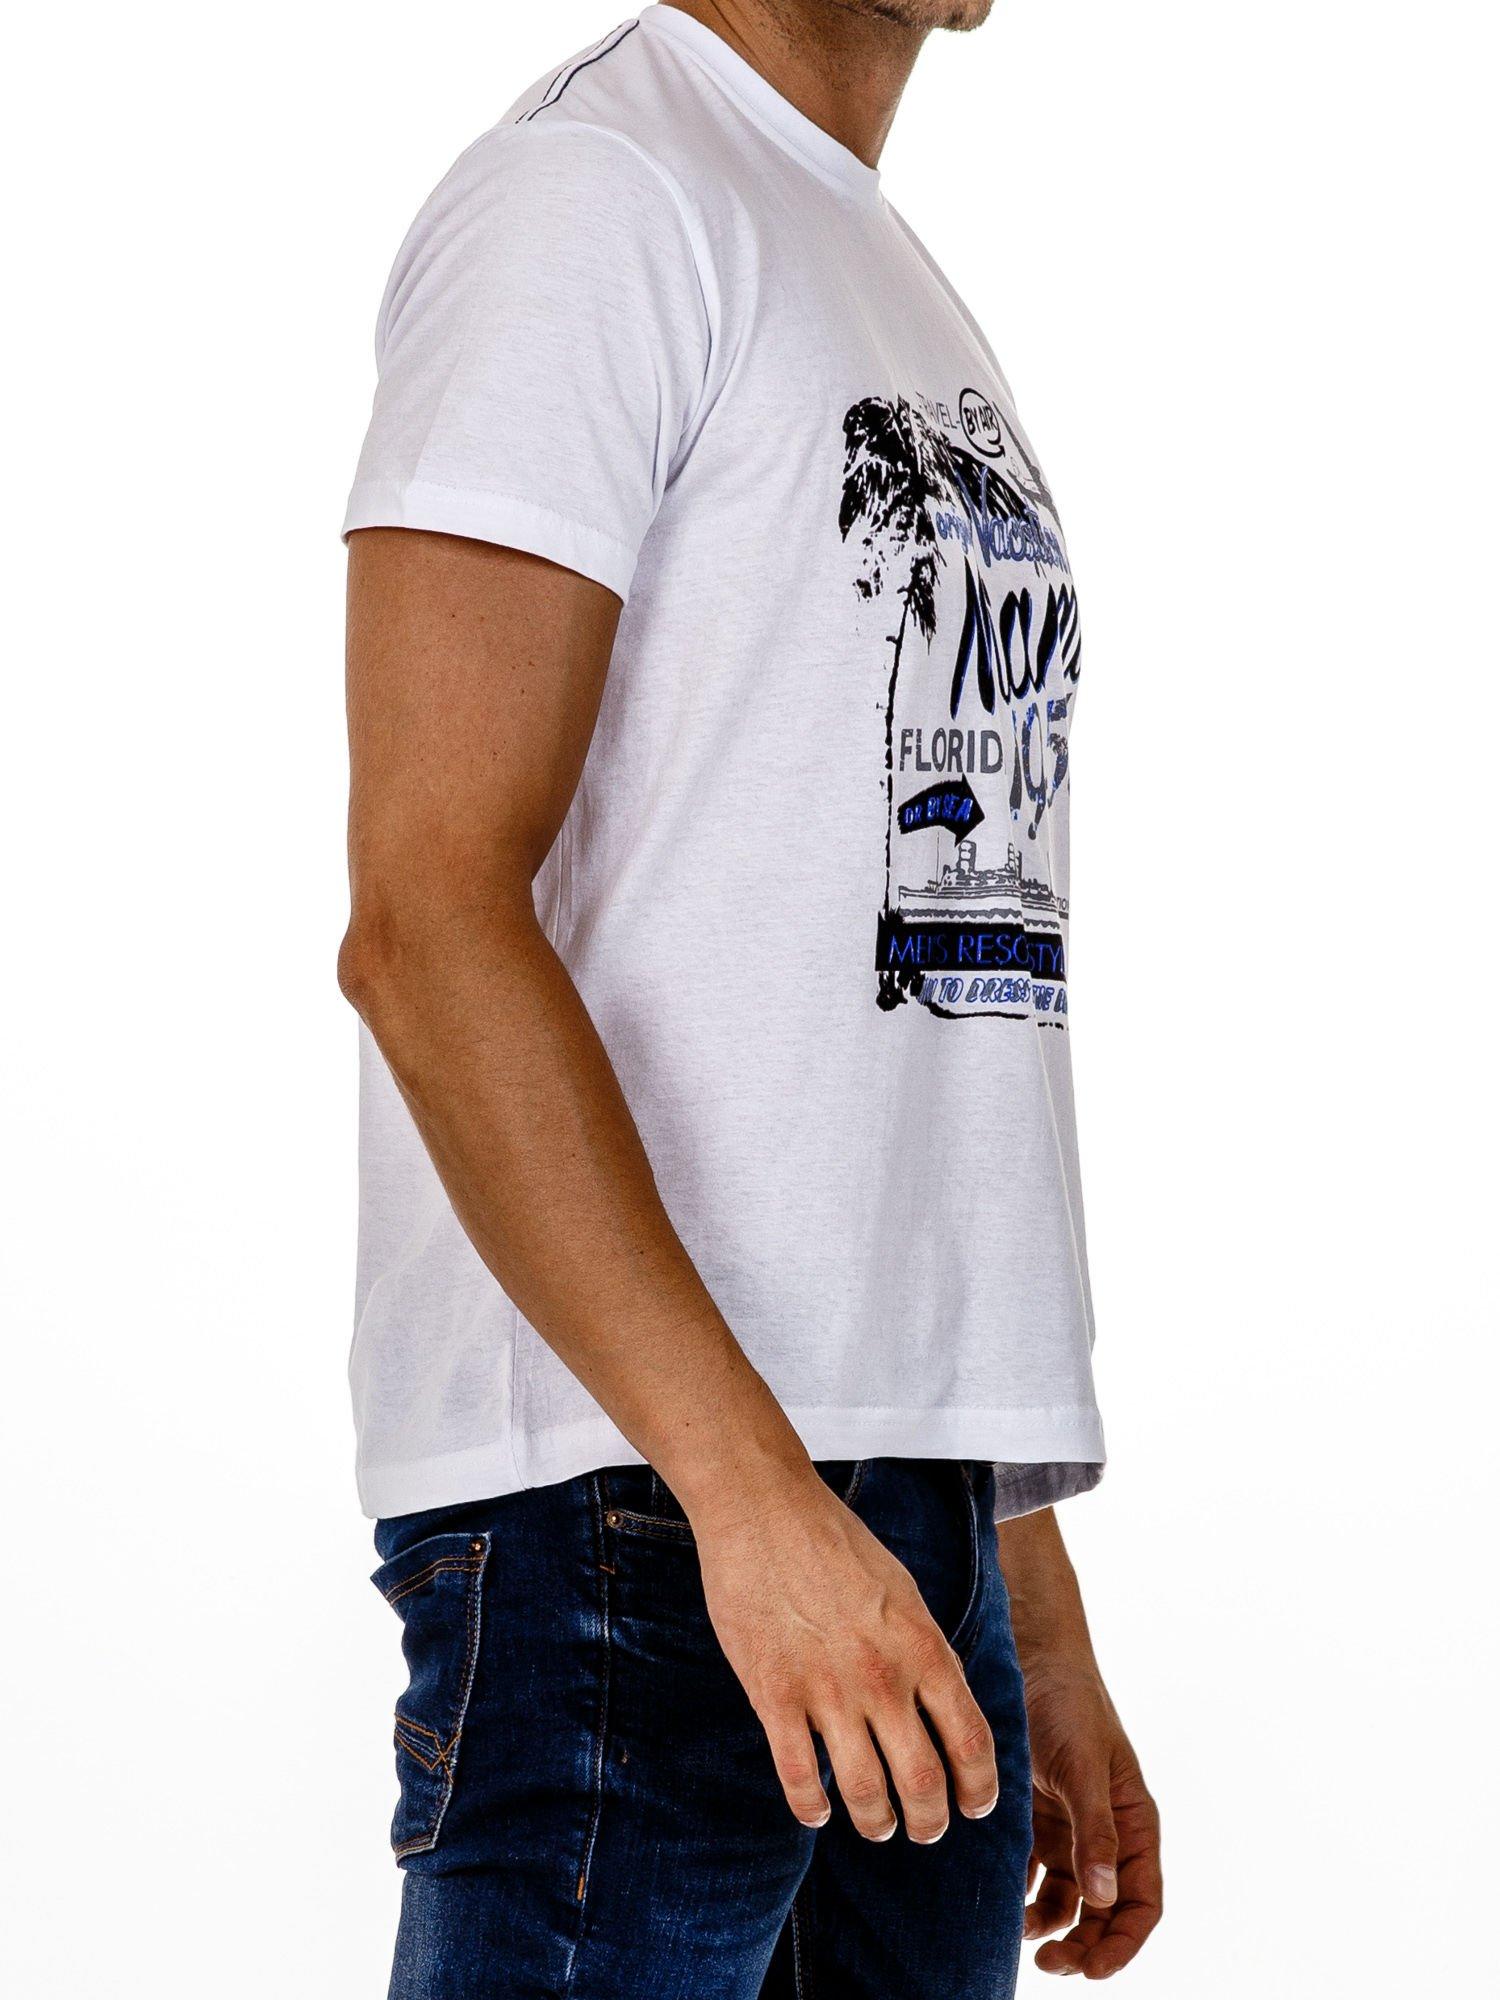 Biały t-shirt męski z nadrukiem napisów MIAMI FLORIDA 1955                                  zdj.                                  3